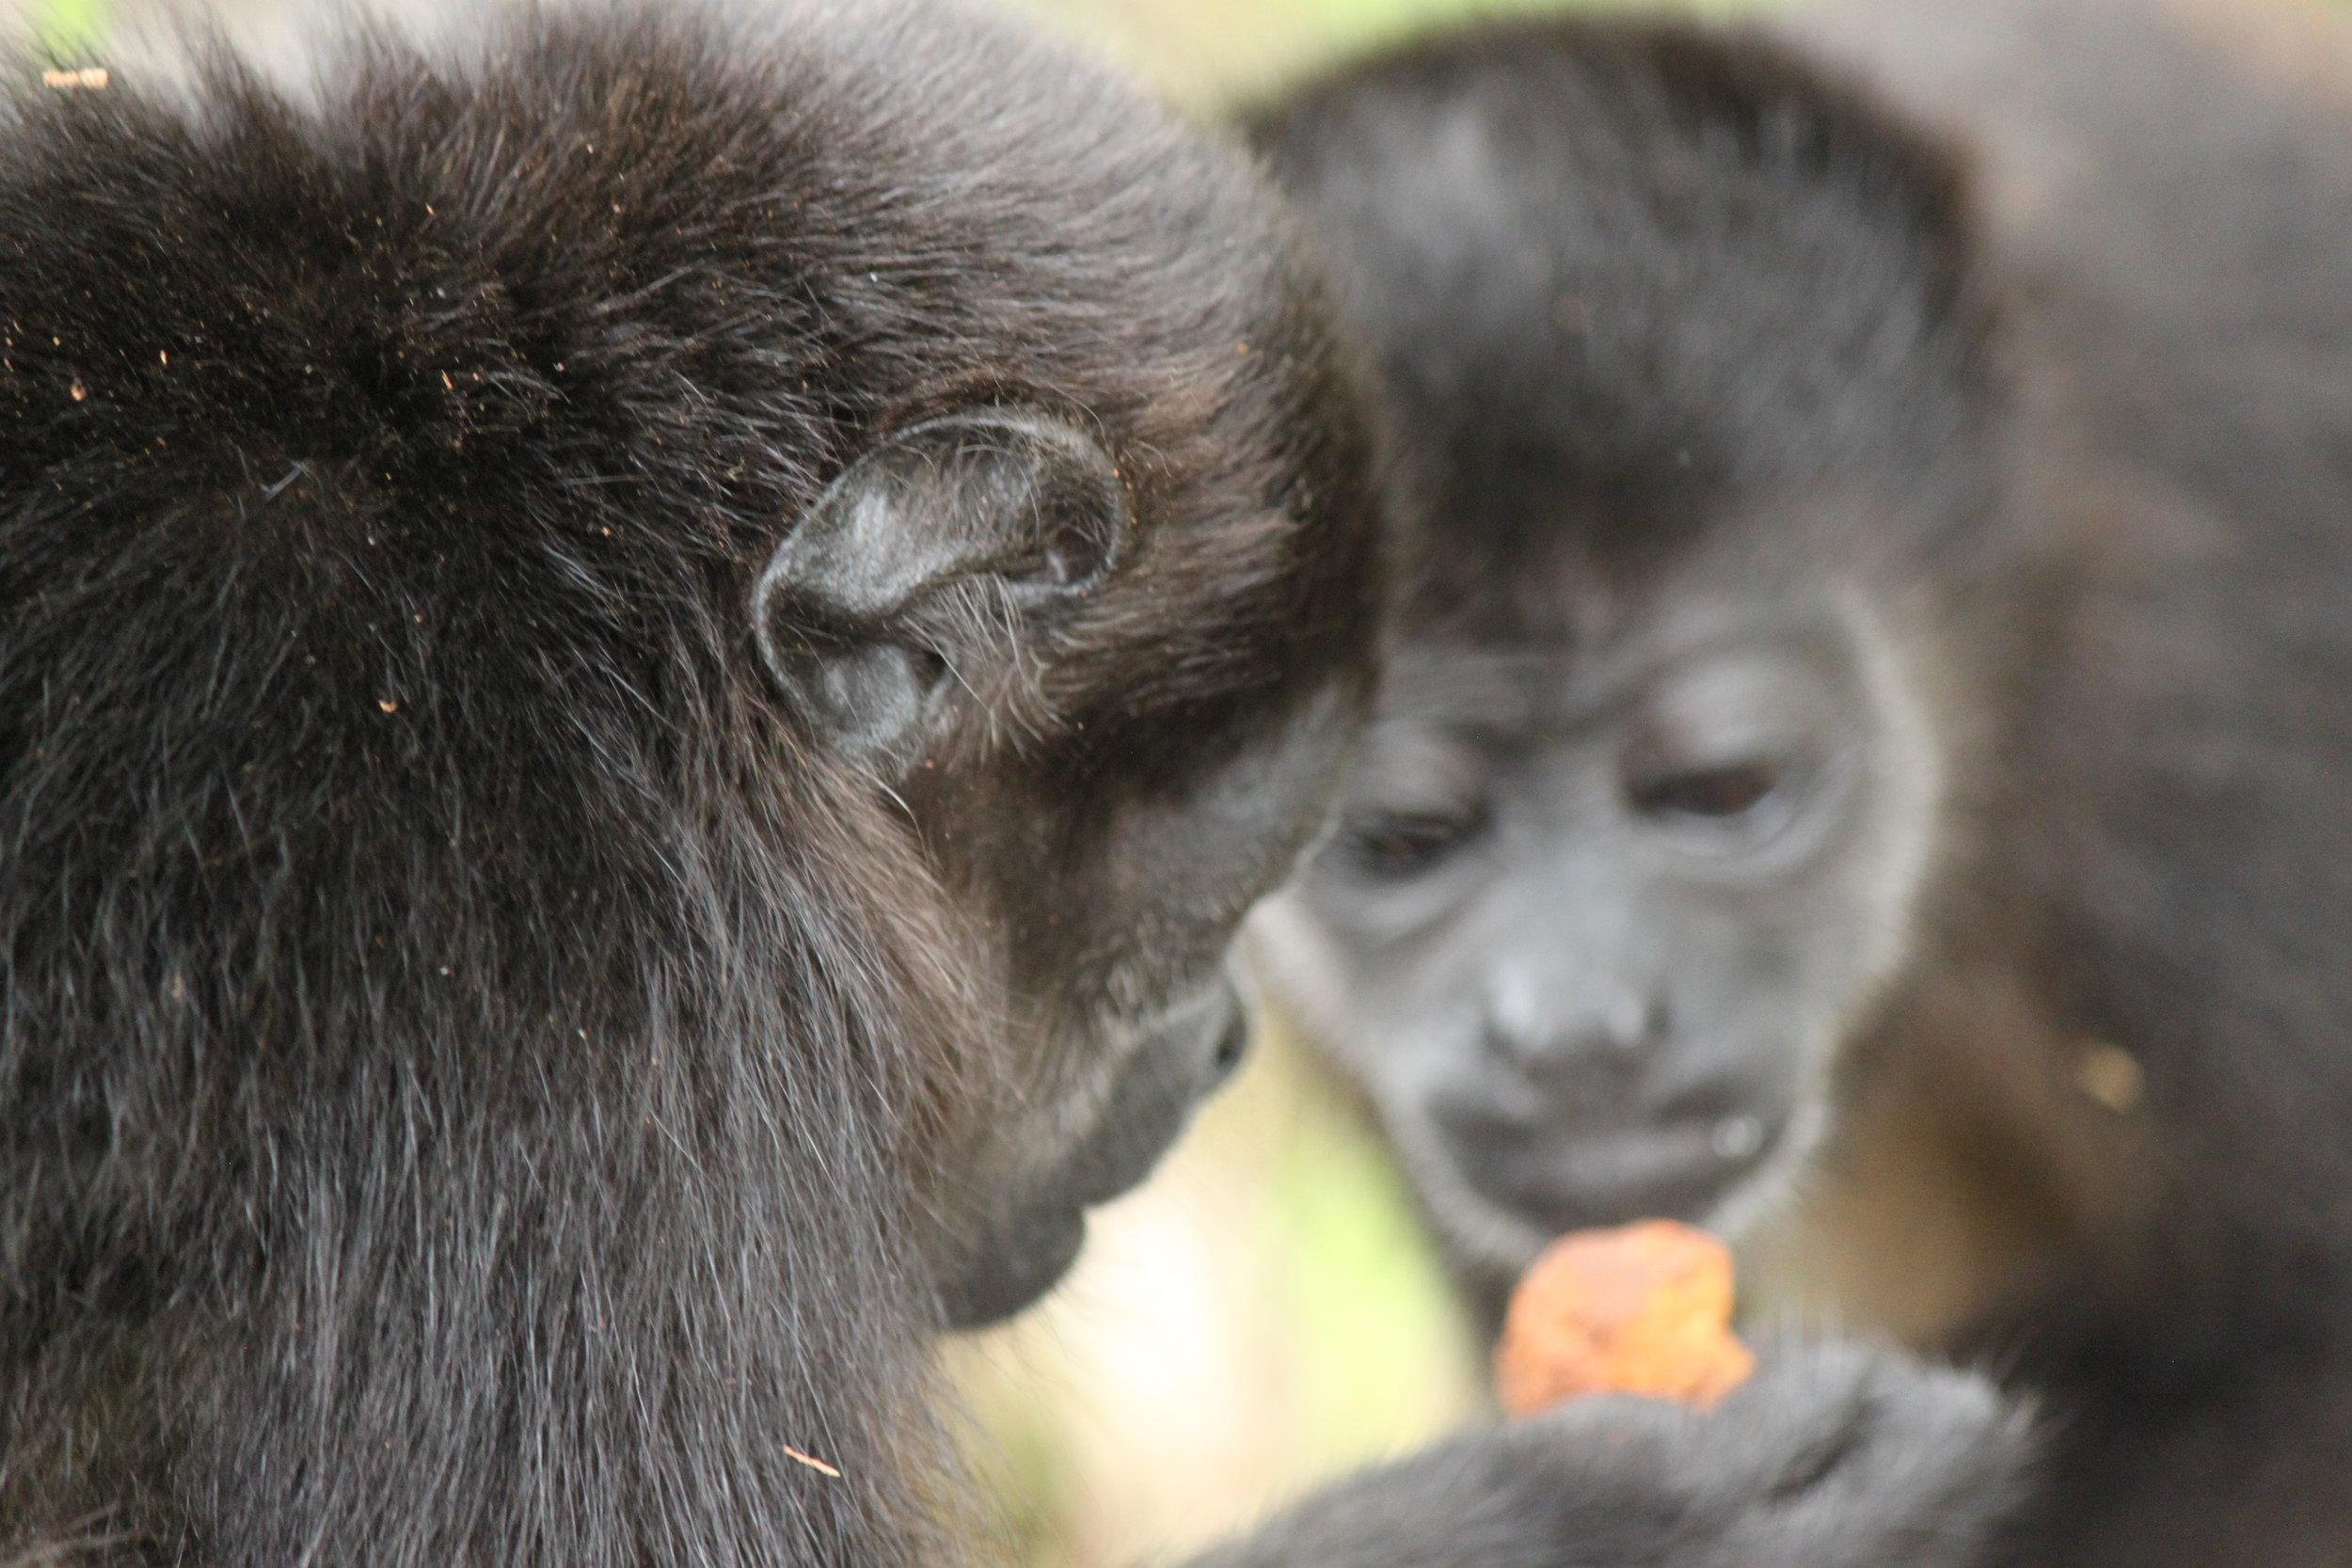 Infant Mantled Howler Monkeys: Atlas & Cheeto